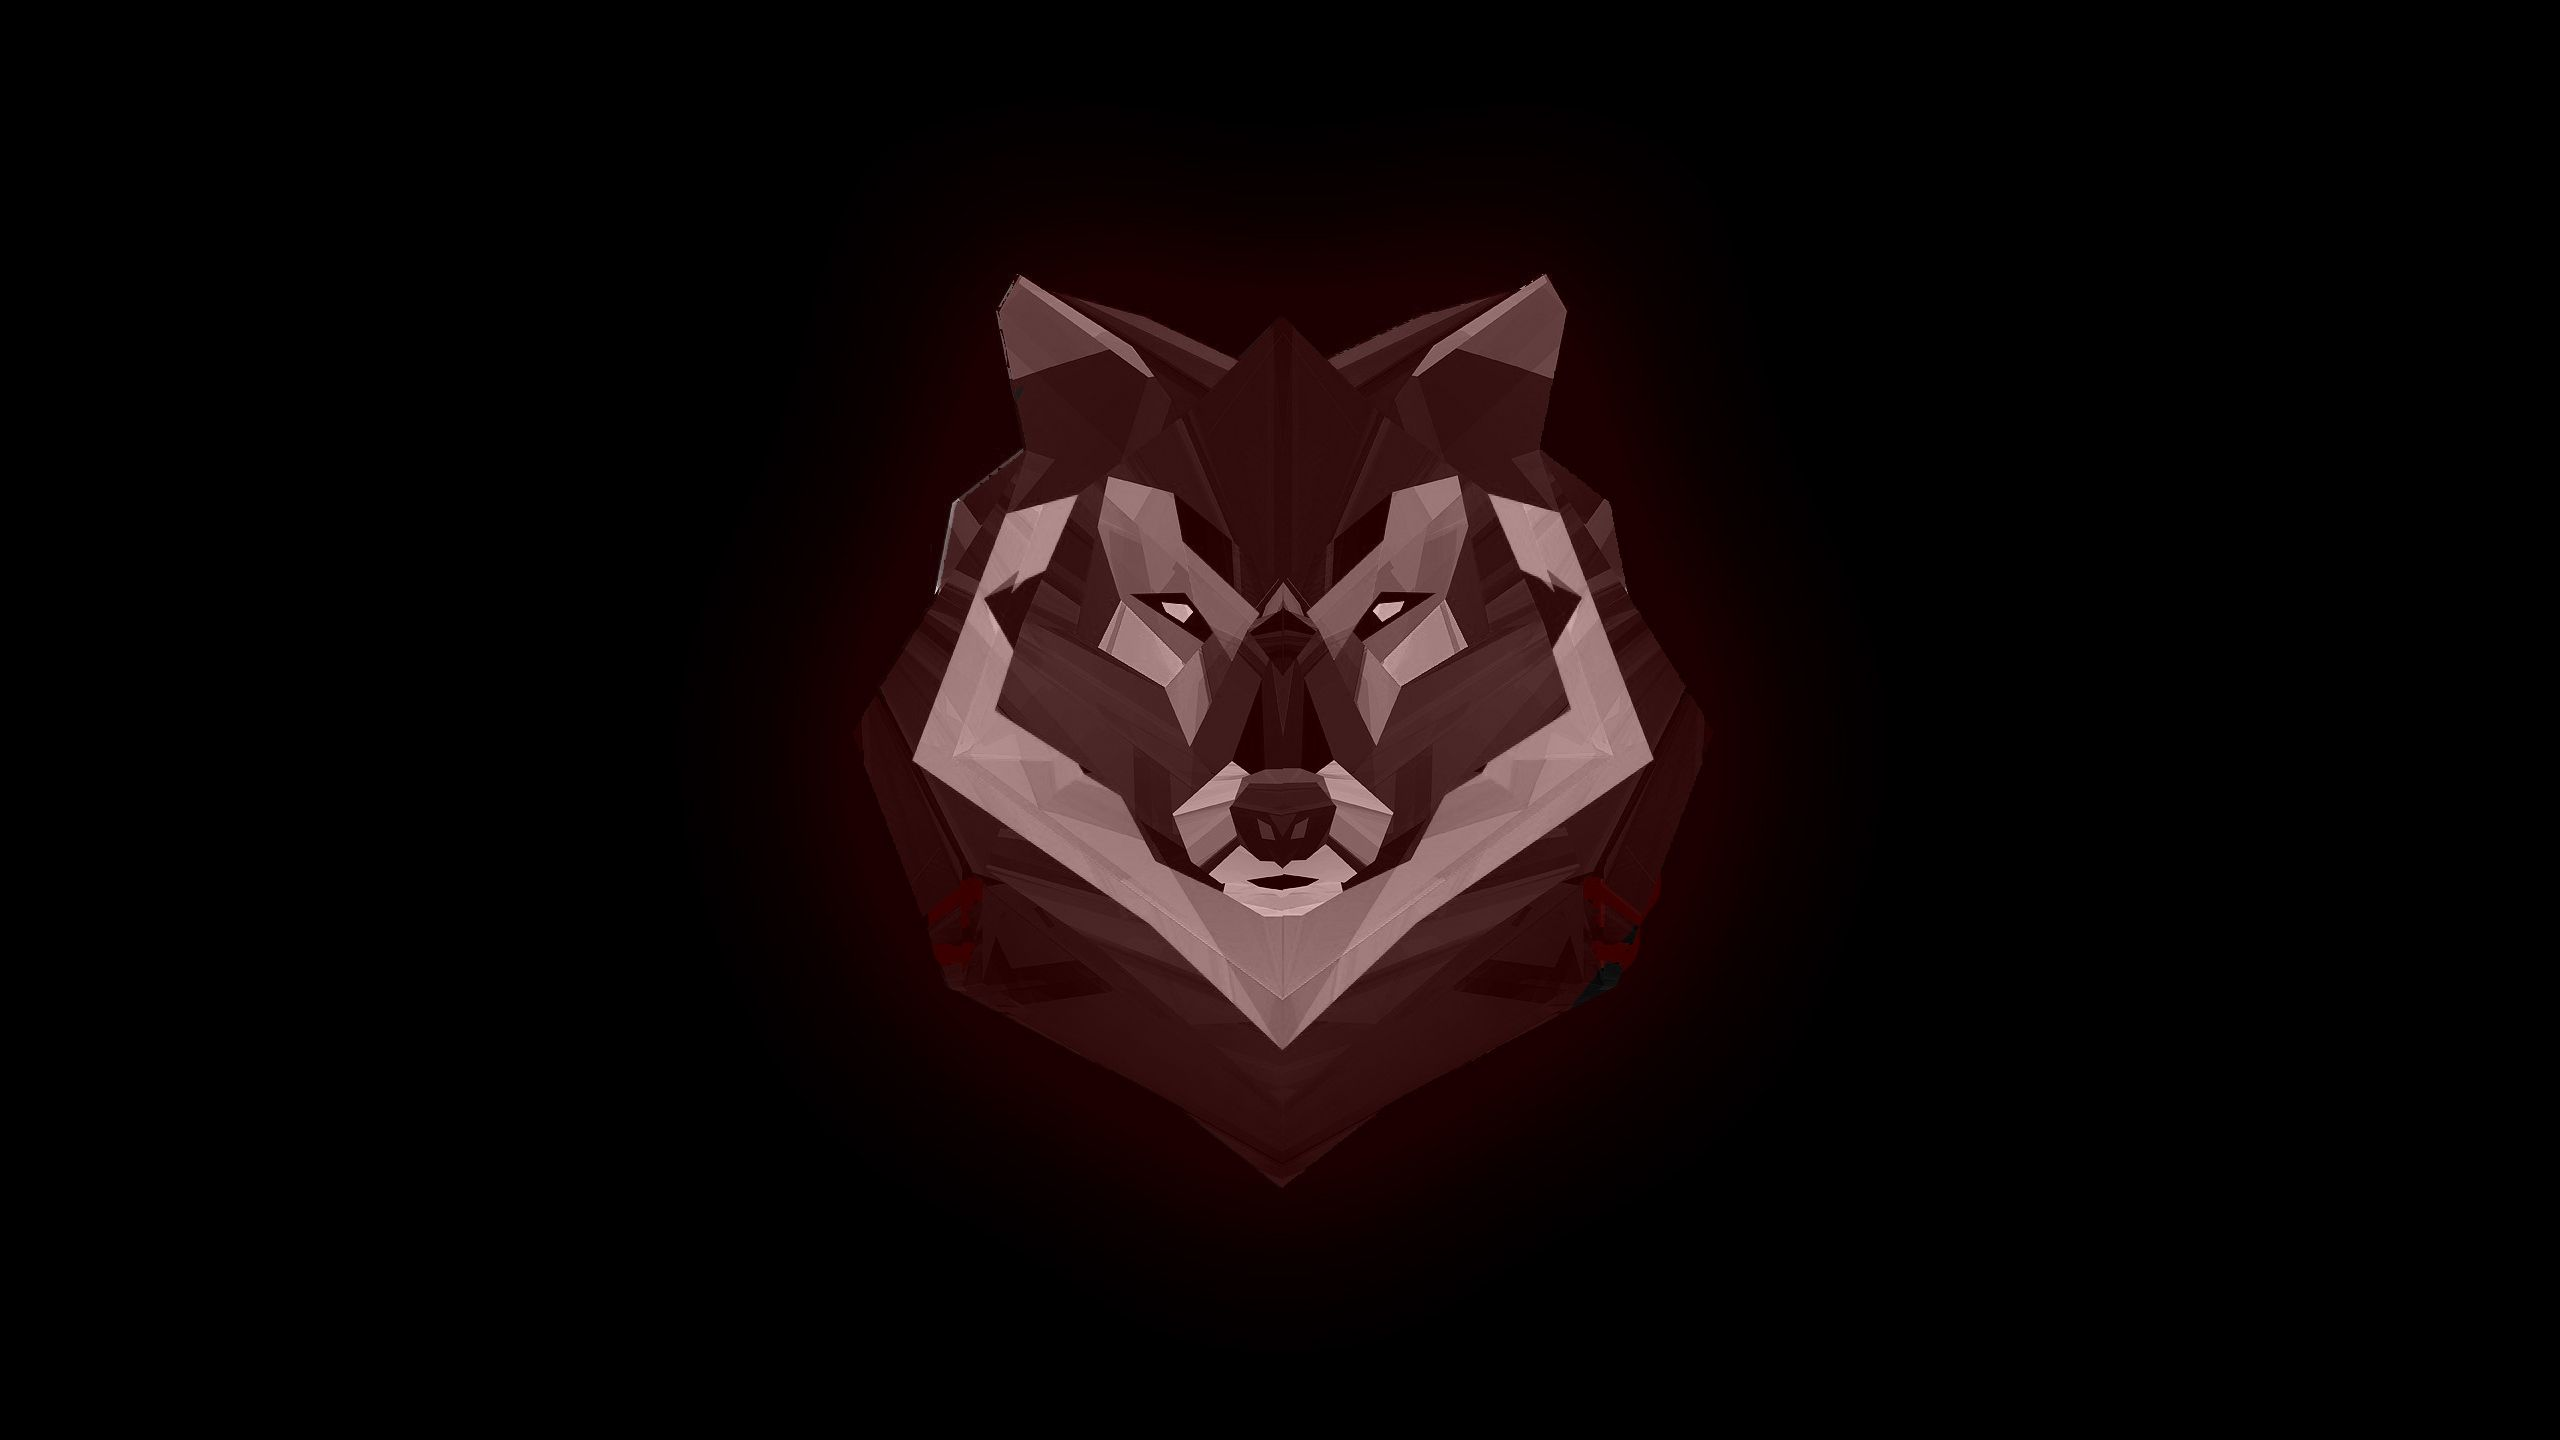 Hình nền con sói đỏ 2560x1440